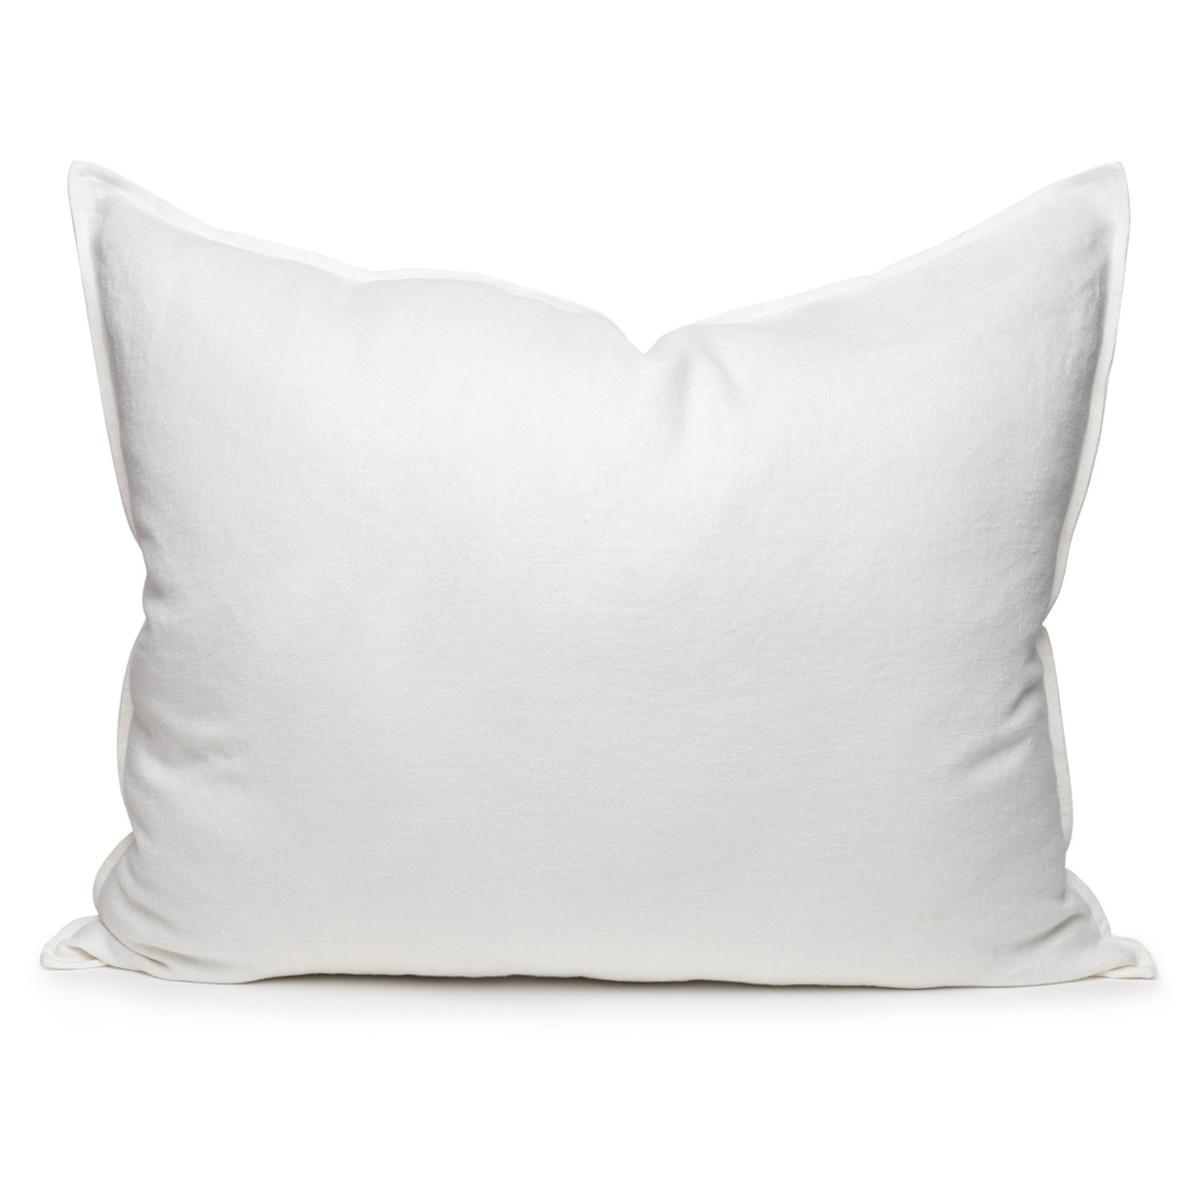 Simone PURE LINEN pillow- Blanc - 2636 - front view